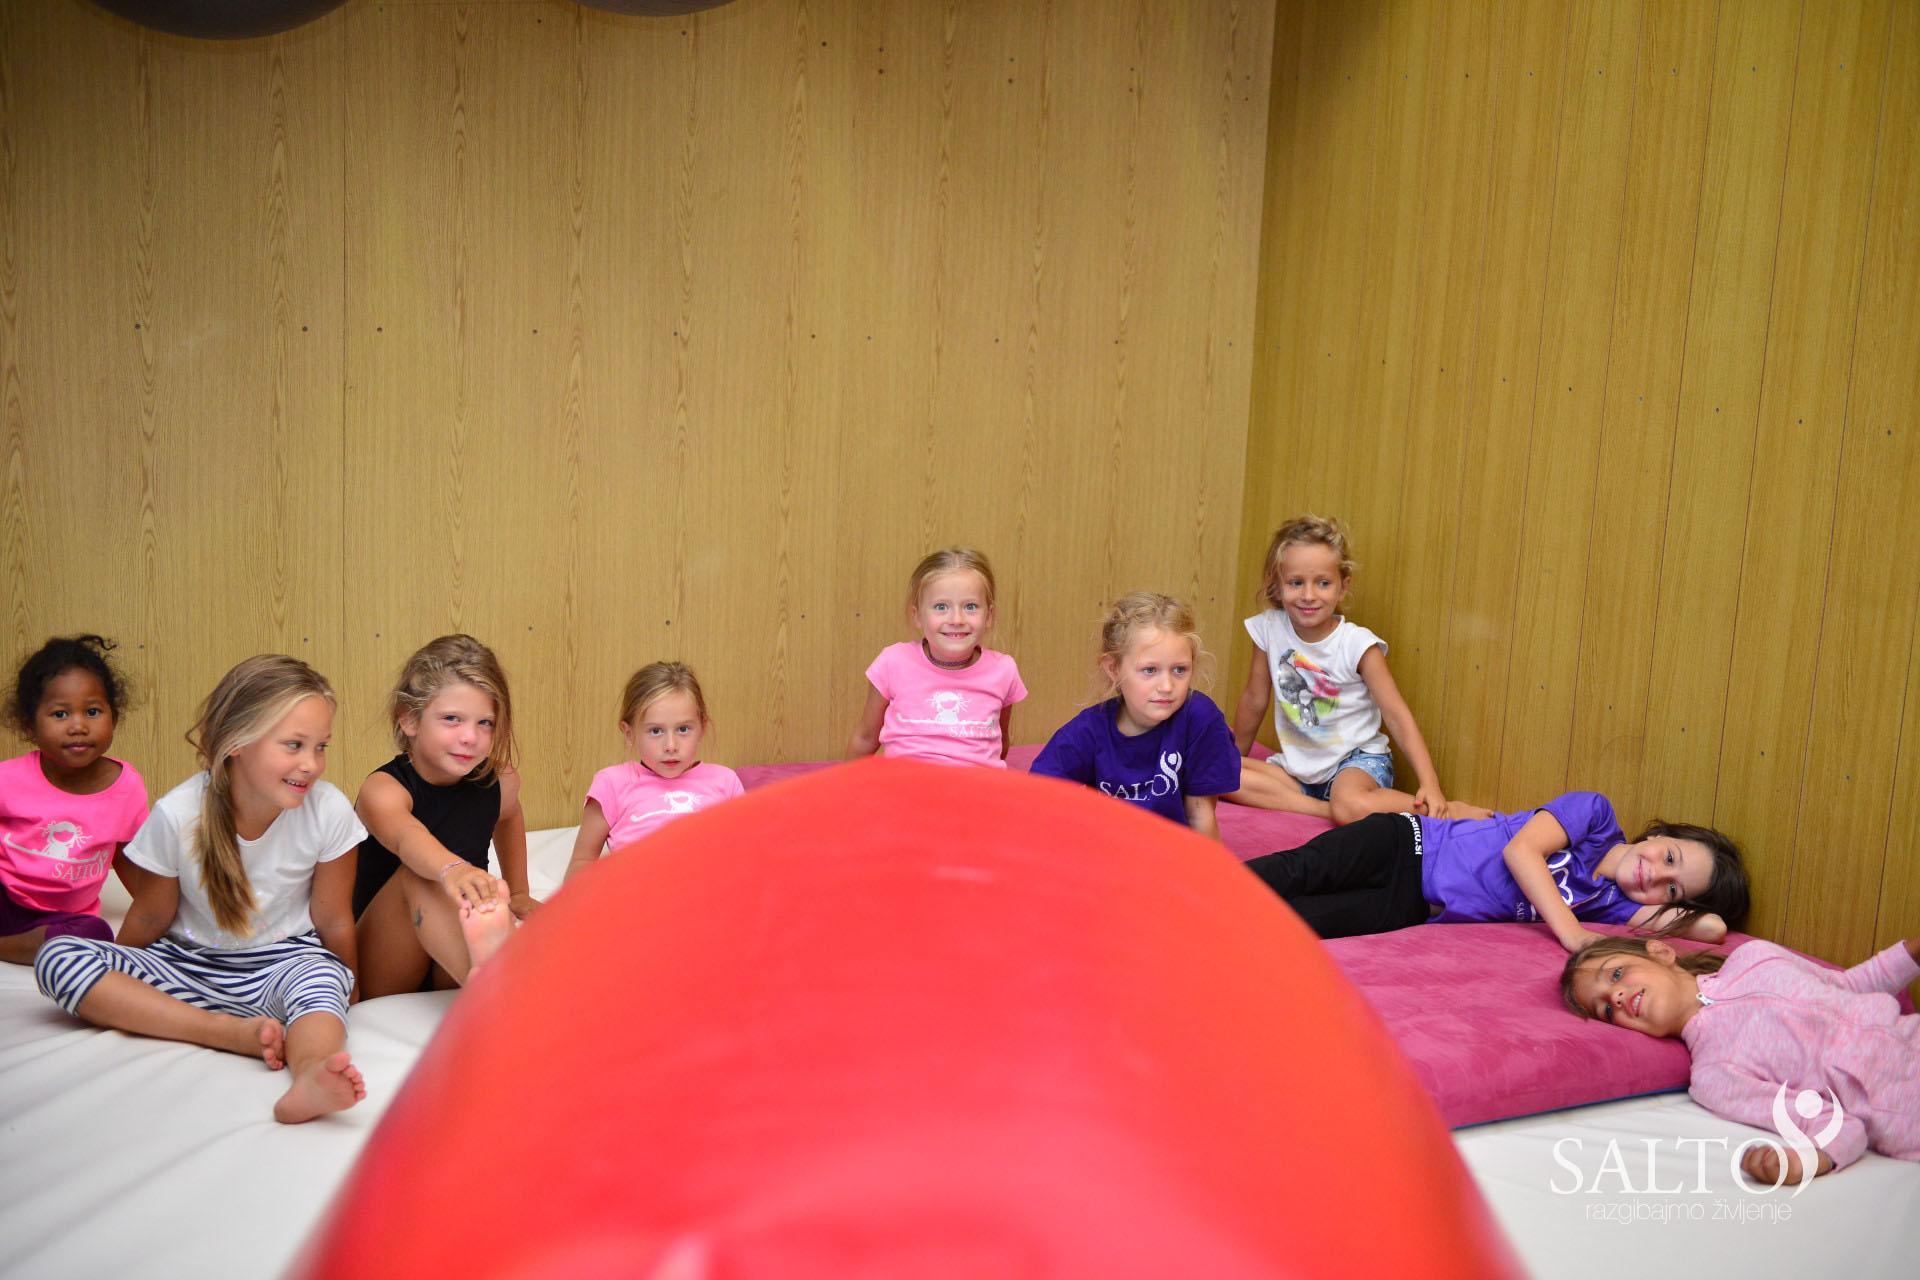 Poletni gimnastični kamp 2015 tretji termin drugi dan